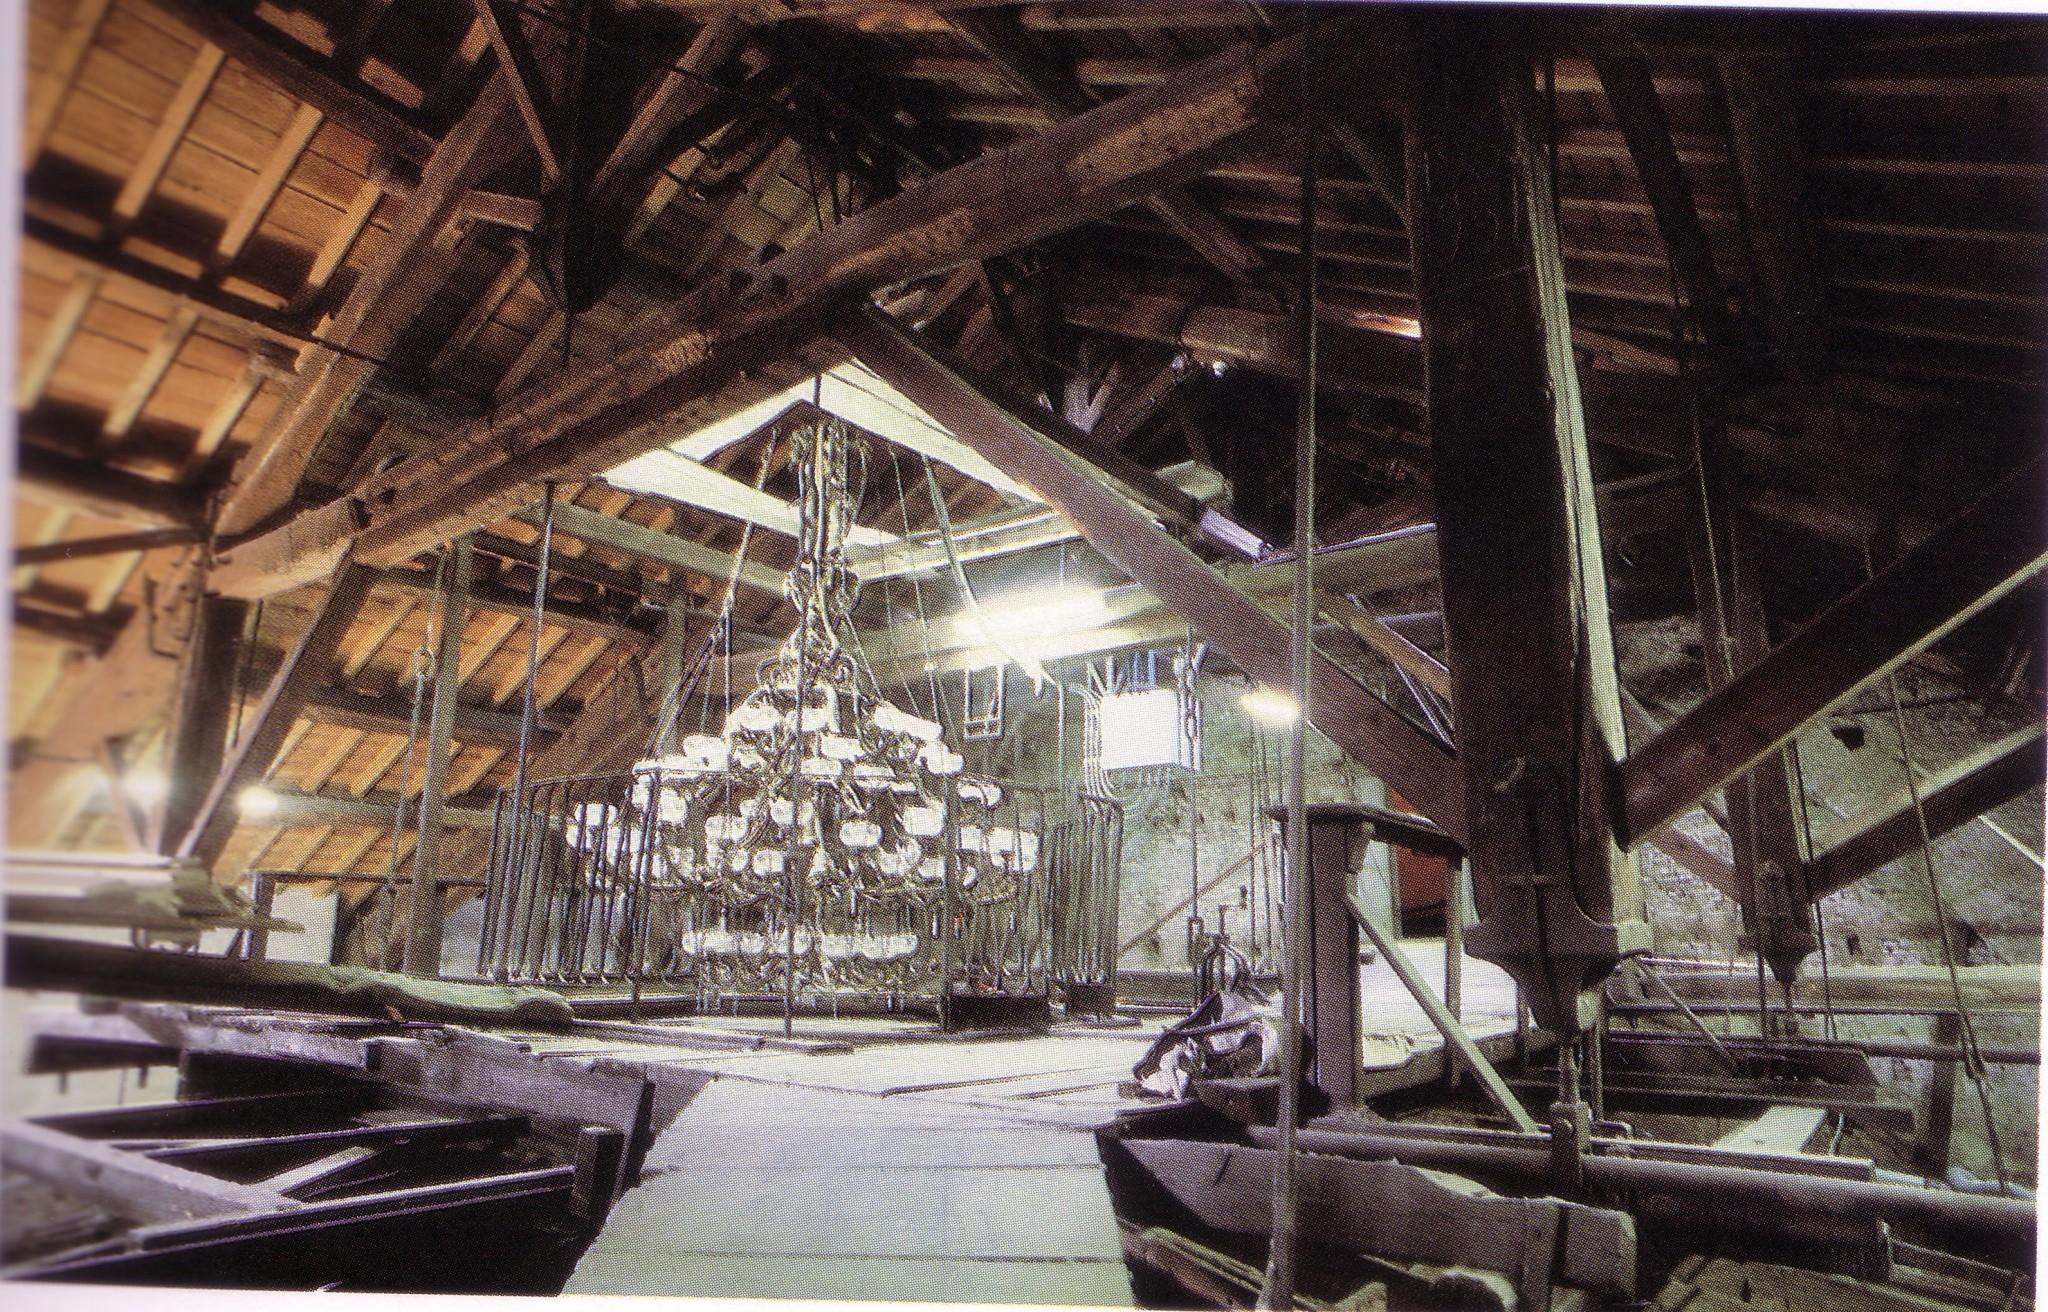 Danfoss Semco wood roof